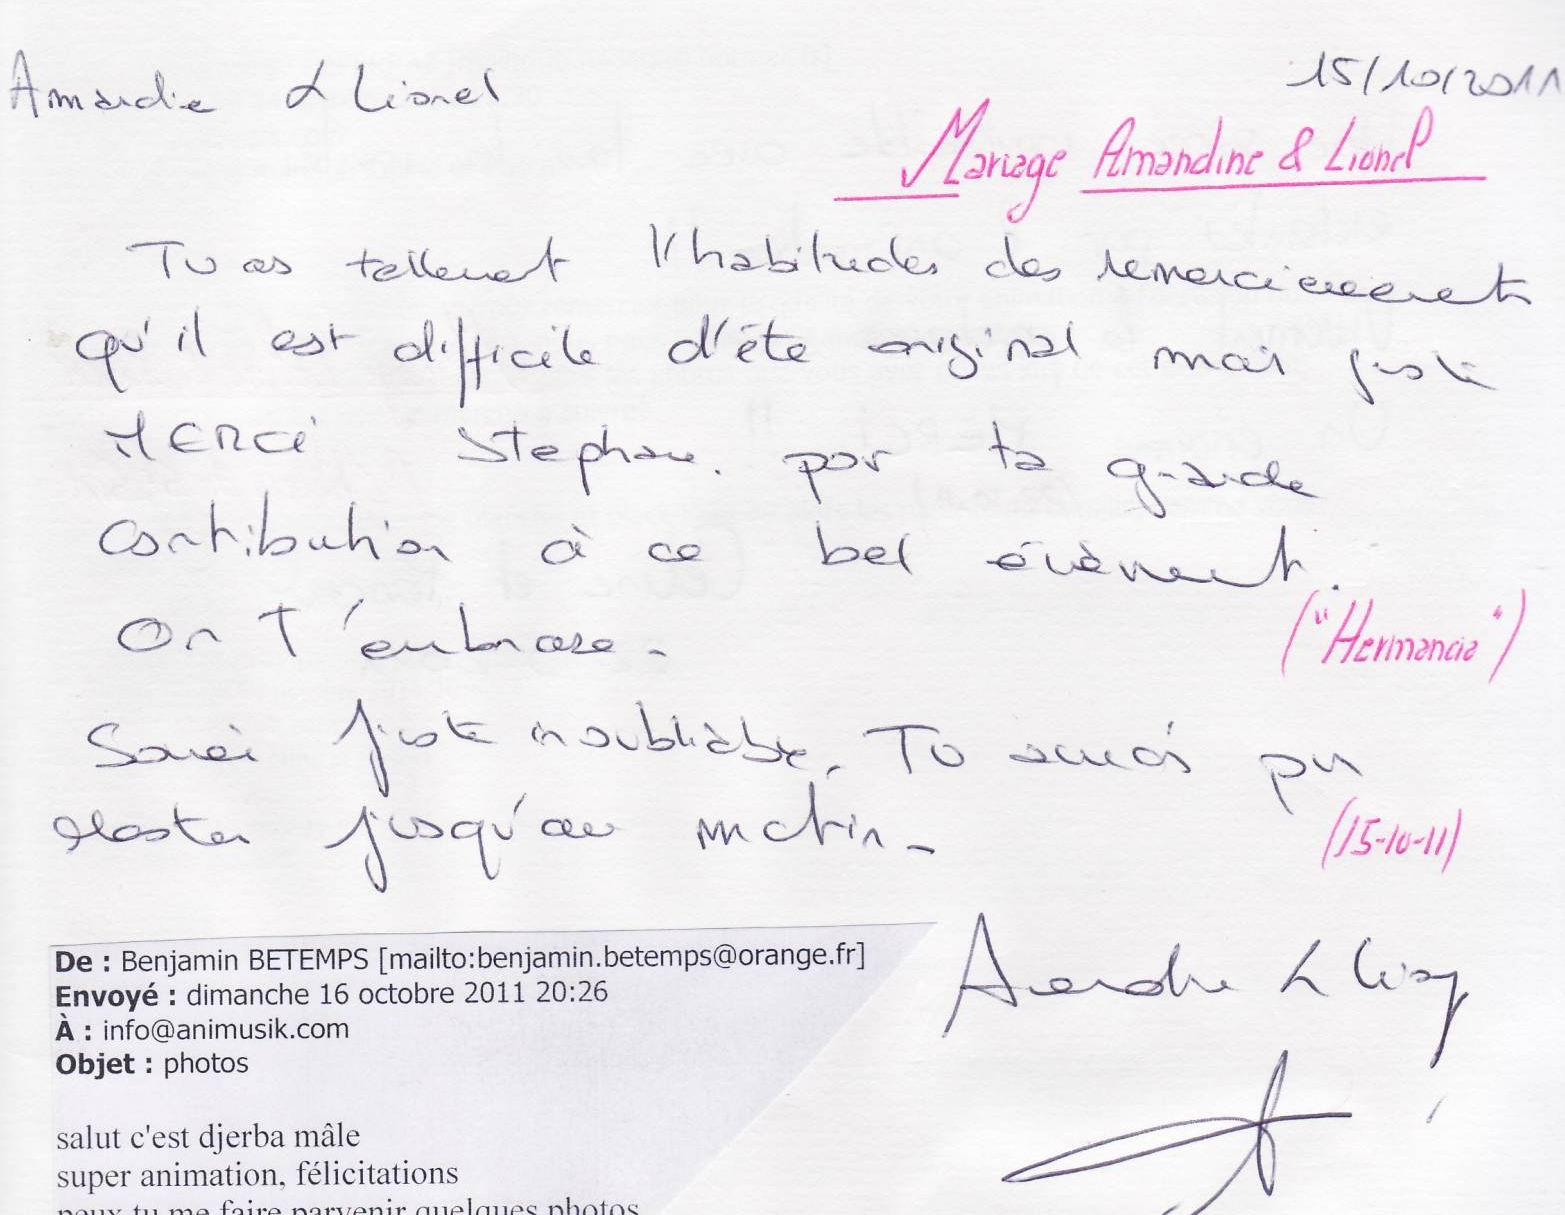 Mariage DURONZIER Lionel & Amandine (Hermancia) (15-10-2012)